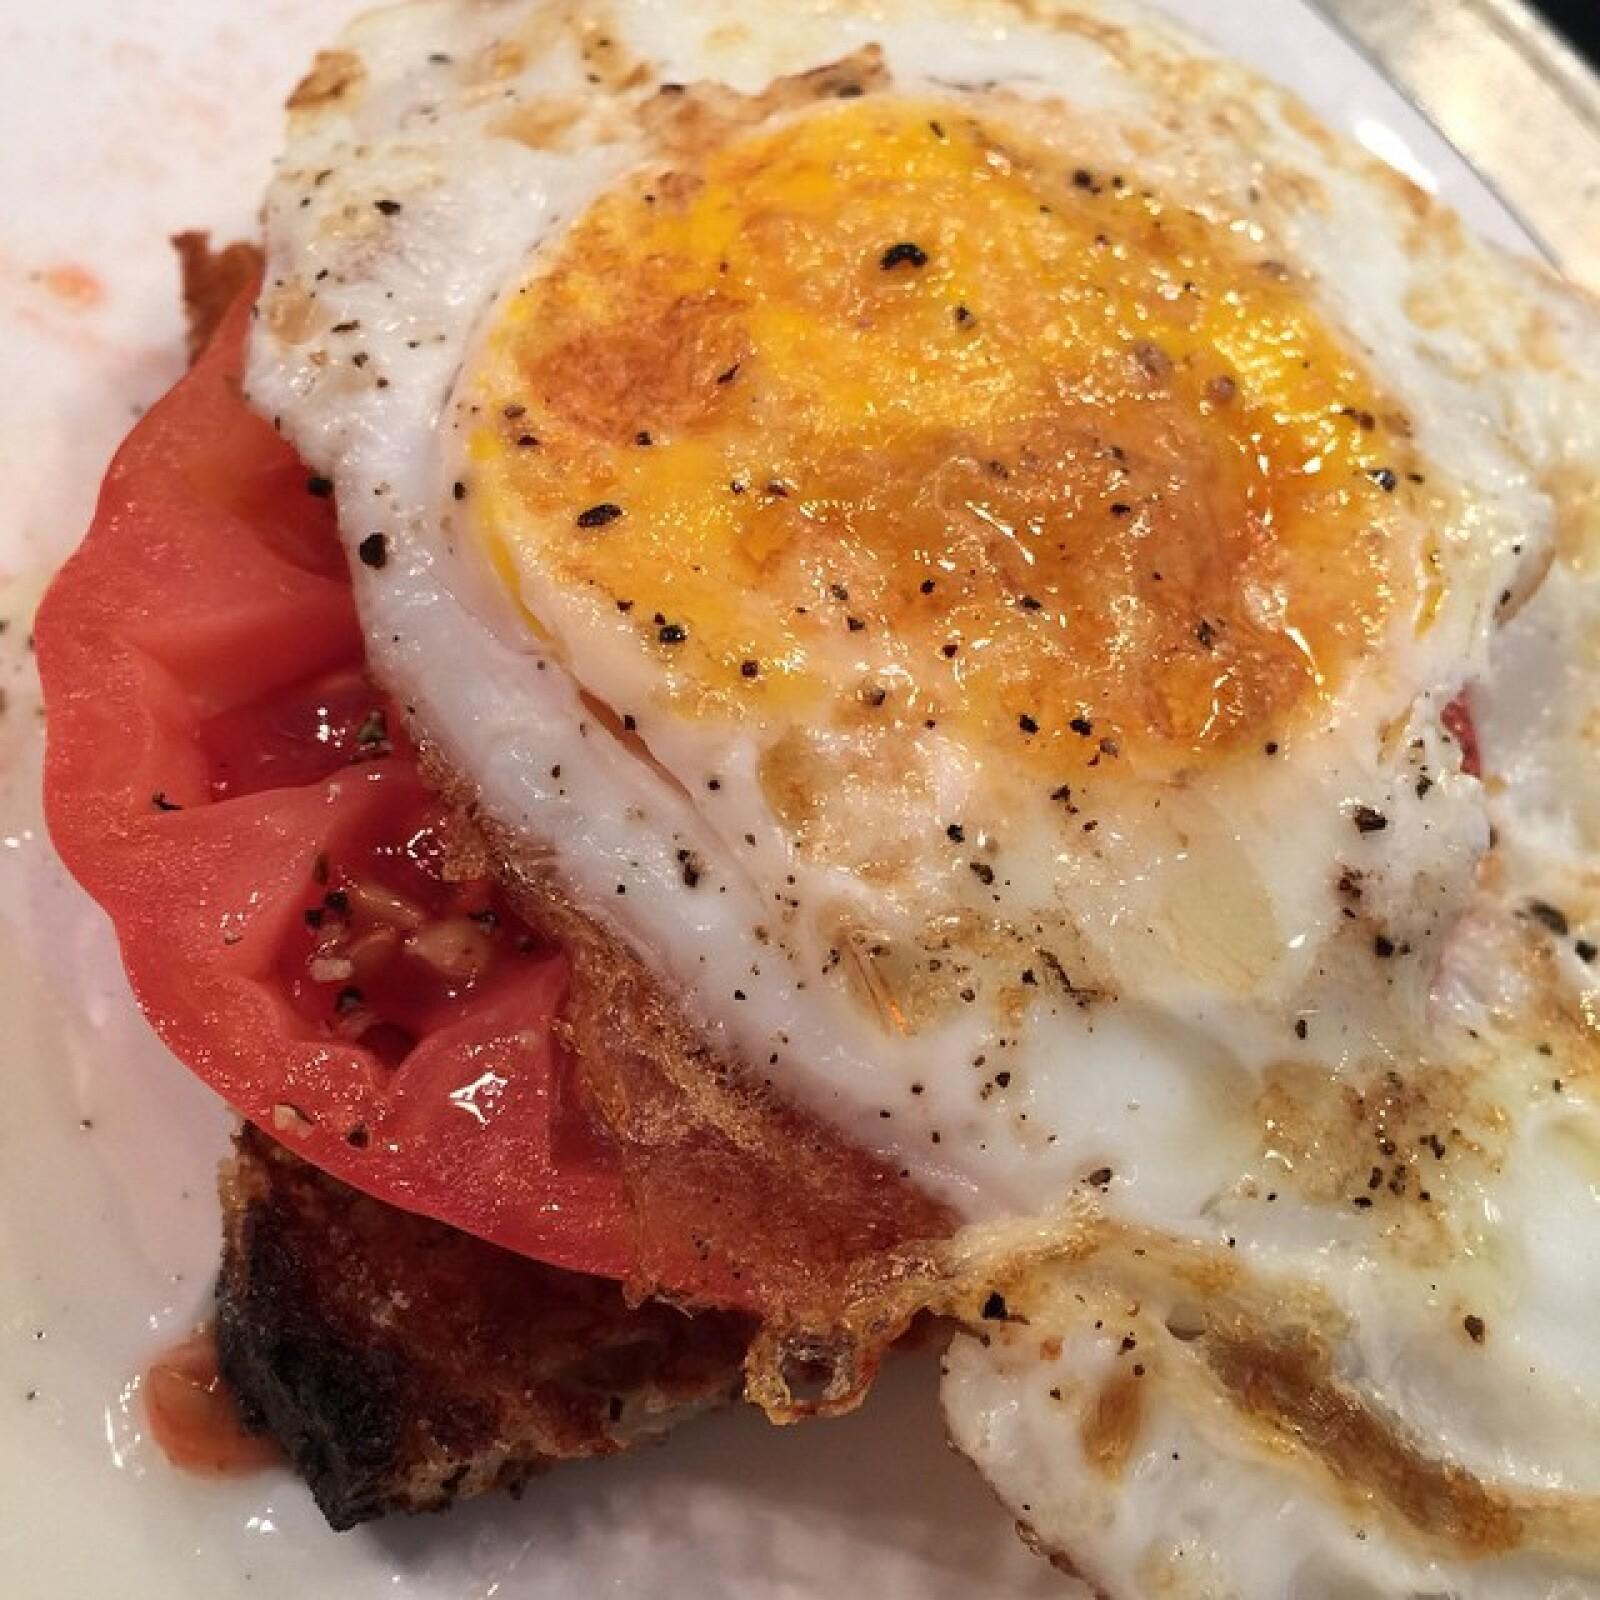 A pesar de los antojos, la artista disfruta todas las mañanas de un nutritivo omelette.